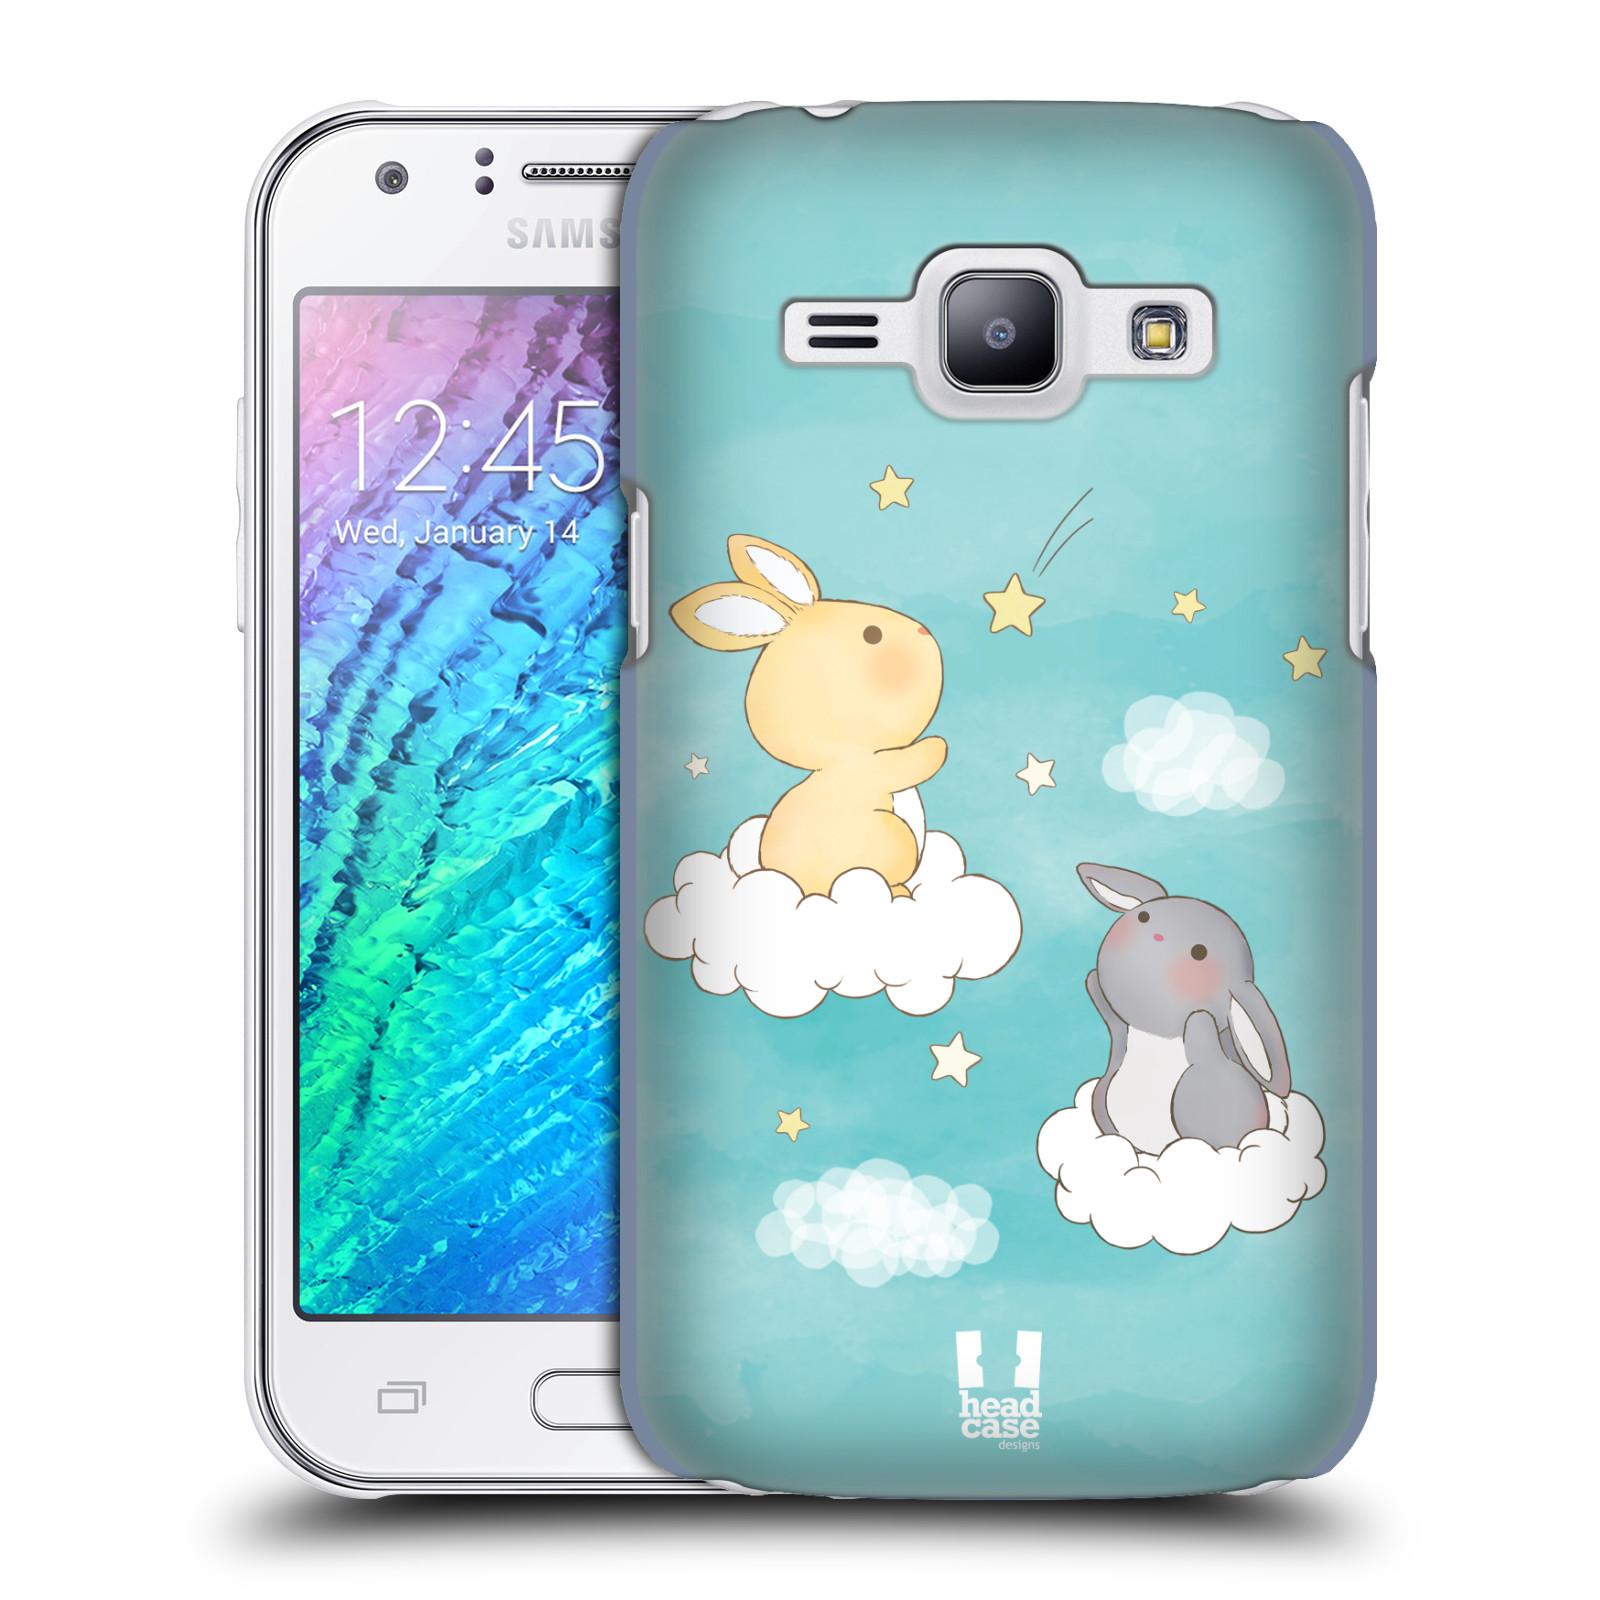 HEAD CASE plastový obal na mobil SAMSUNG Galaxy J1, J100 vzor králíček a hvězdy modrá